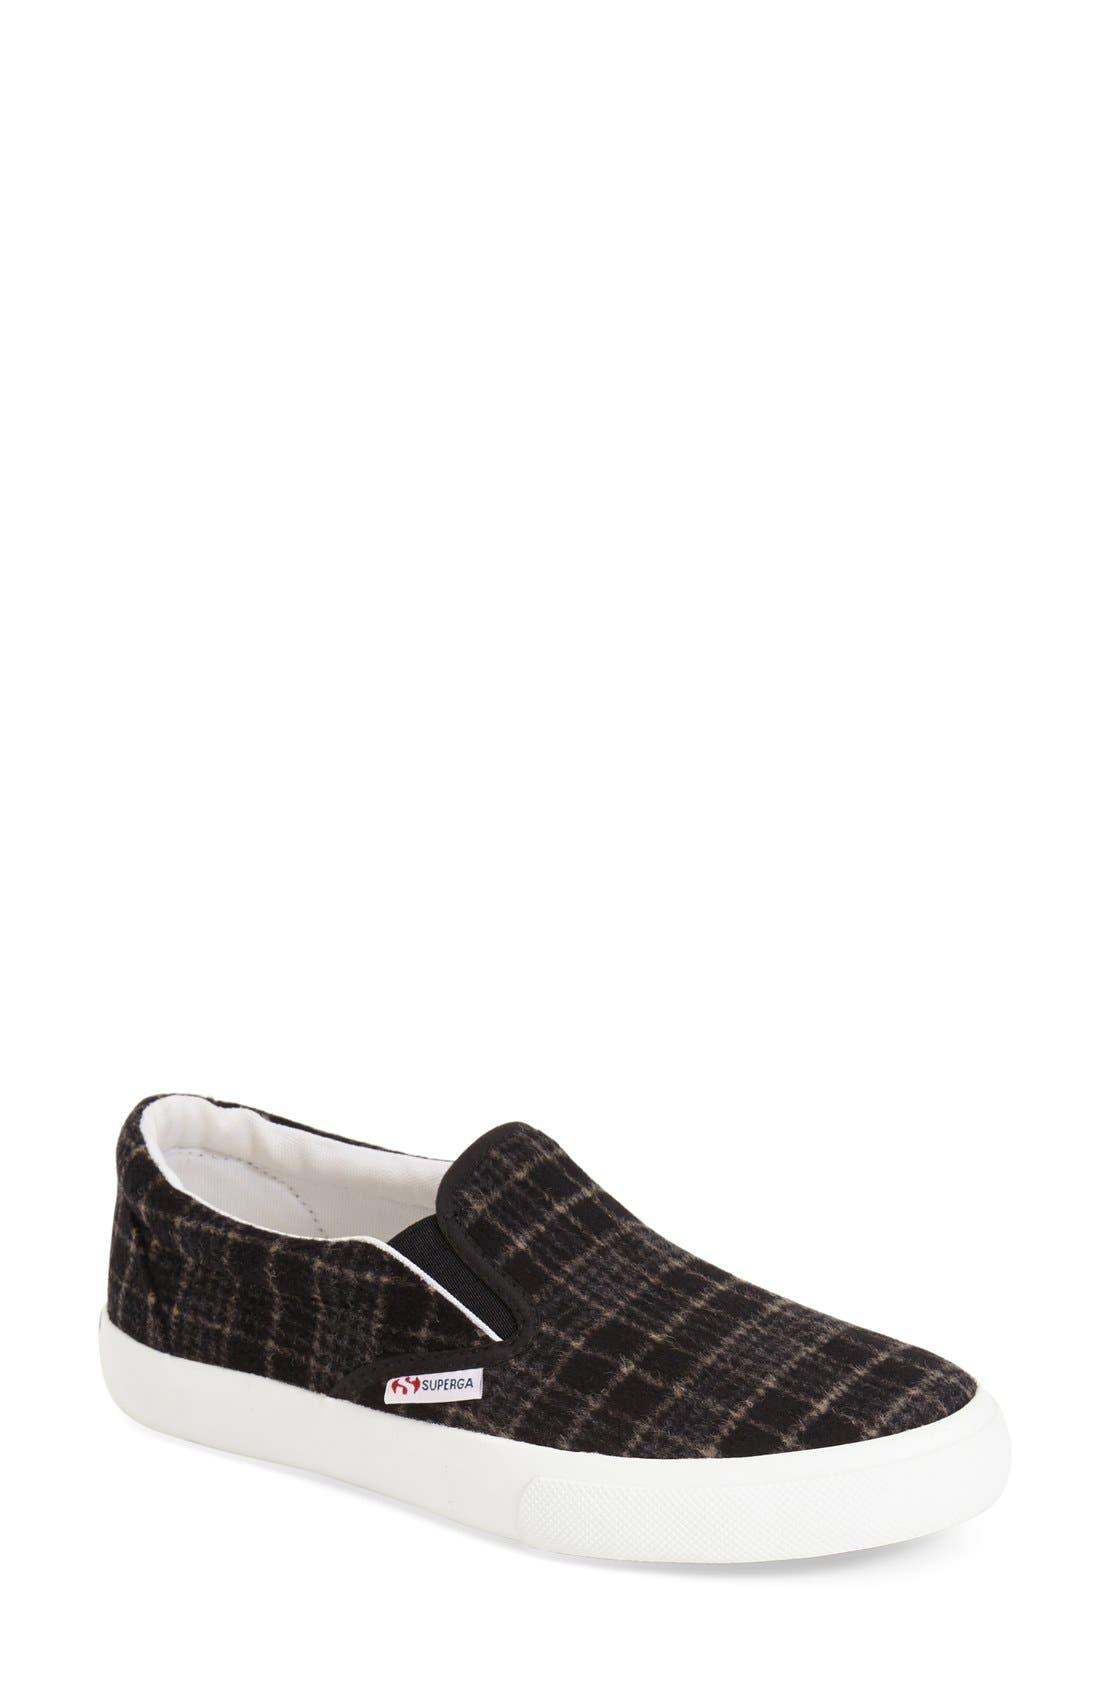 Alternate Image 1 Selected - Superga Slip-On Sneaker (Women)